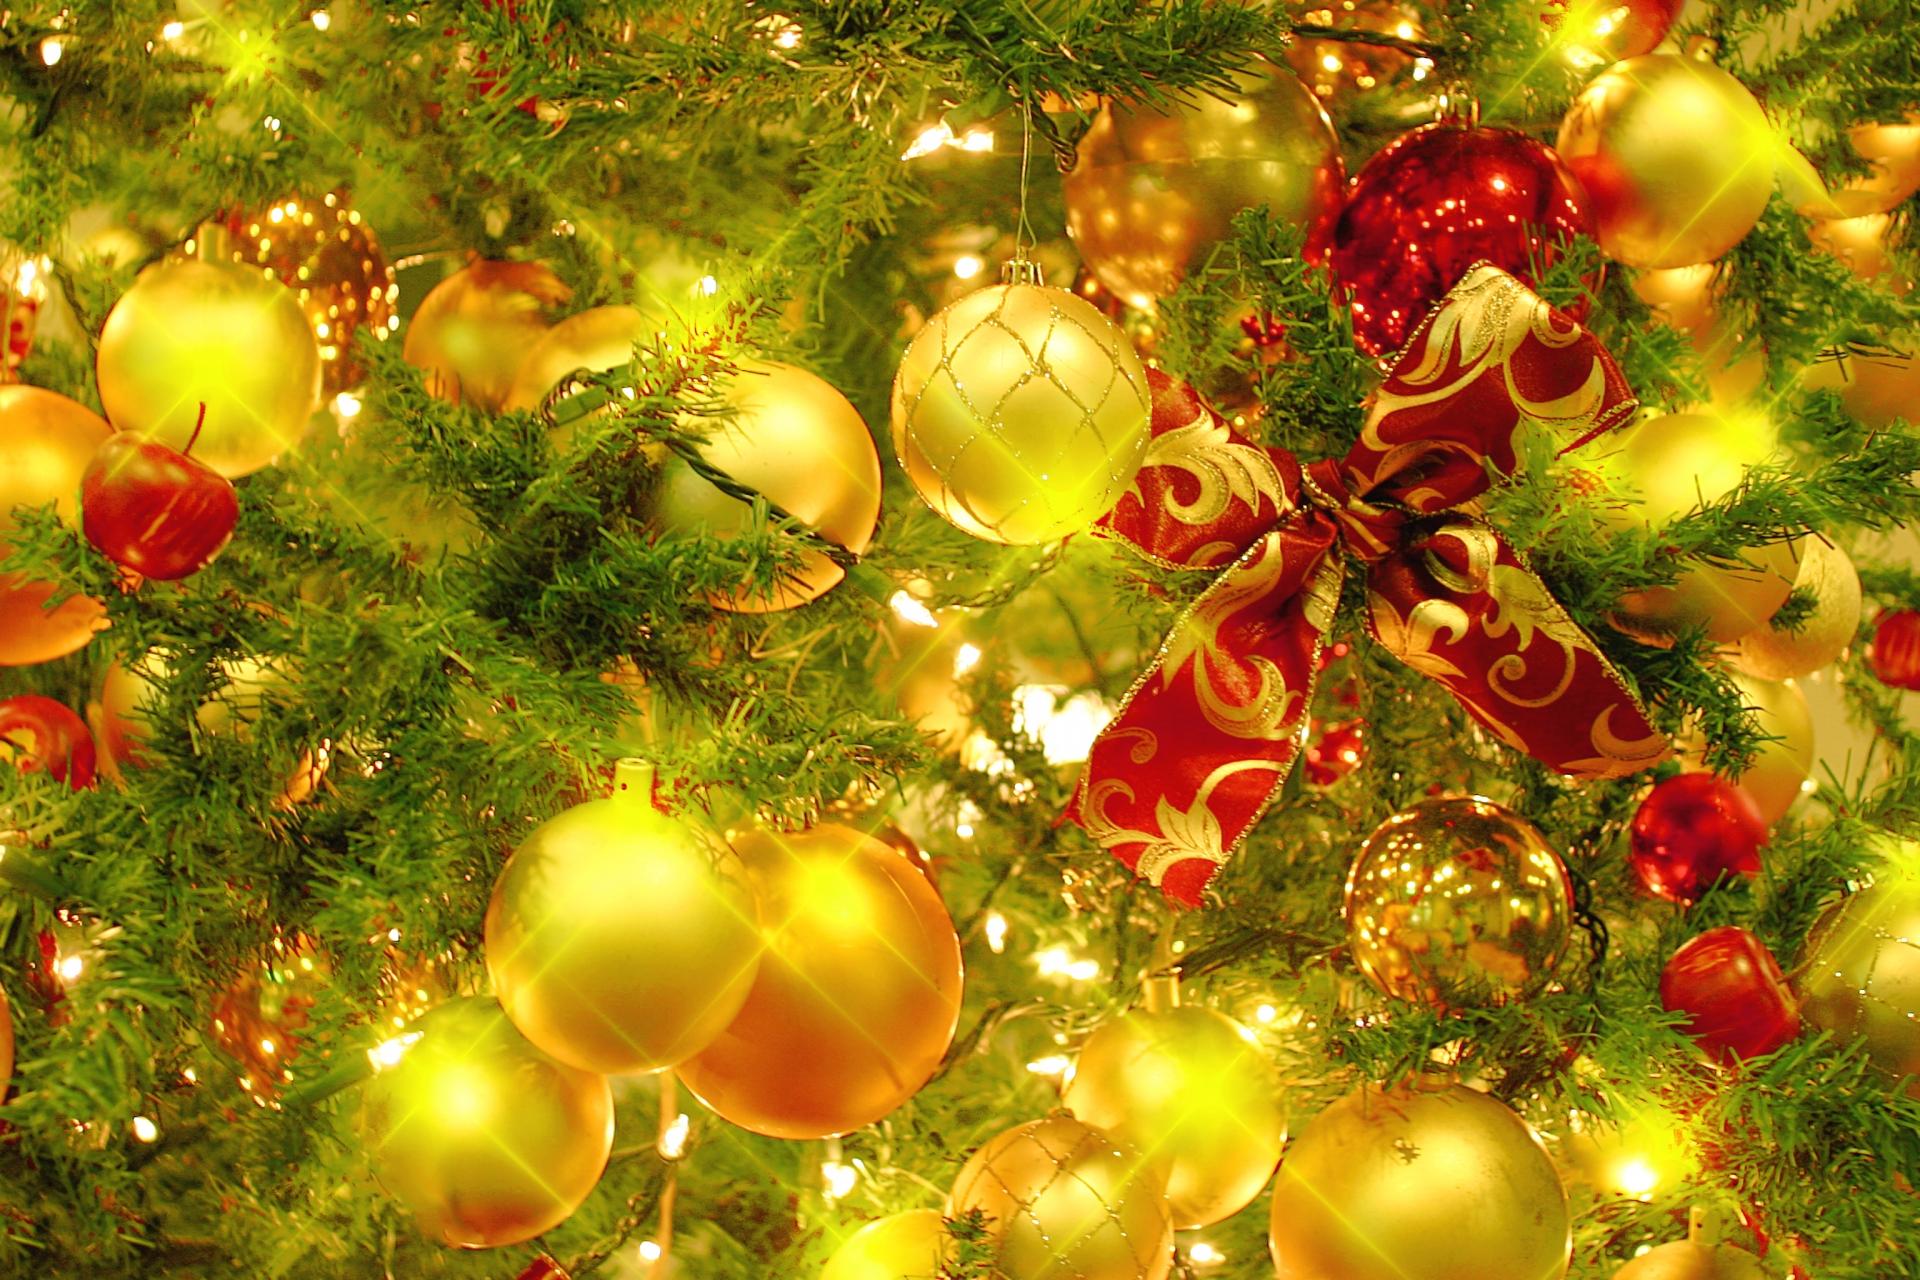 世界一のカネになる木に群がる植栽ヤクザ:クリスマスツリーと門松の闇